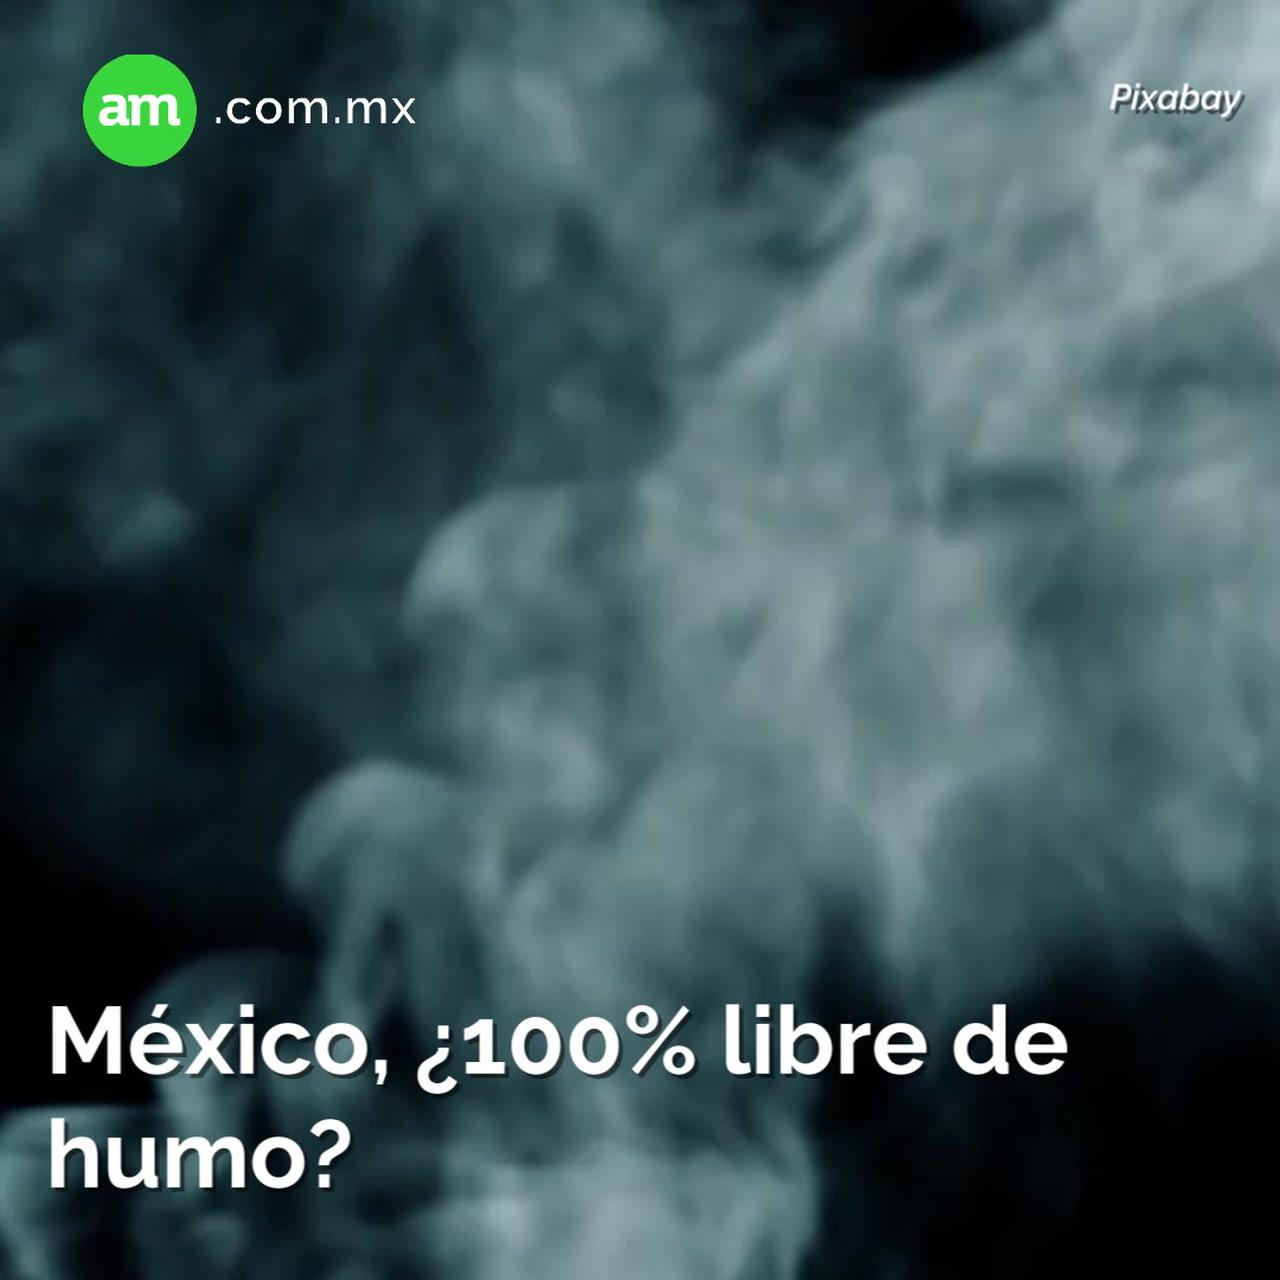 México, ¿100% libre de humo?